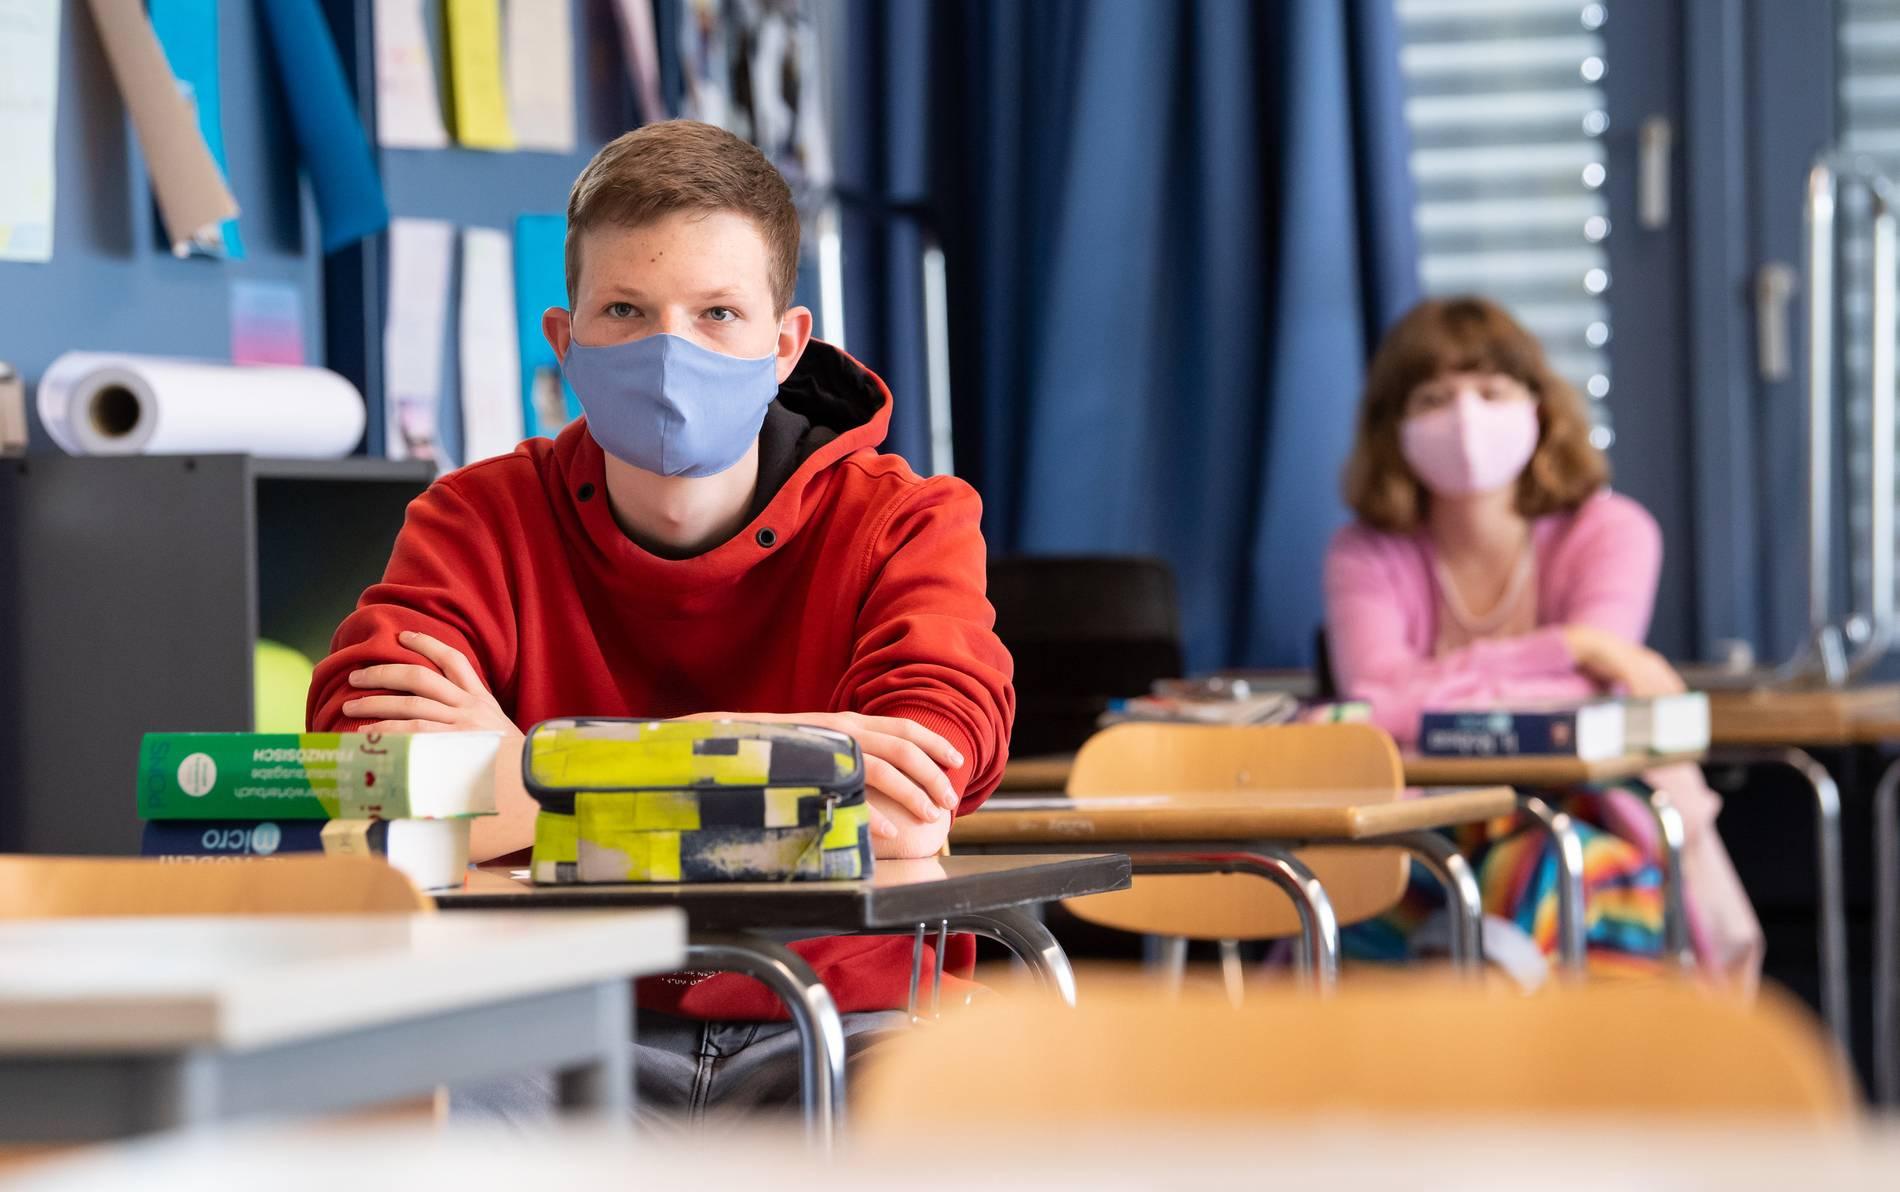 Maskenpflicht in Schulen in NRW kommt